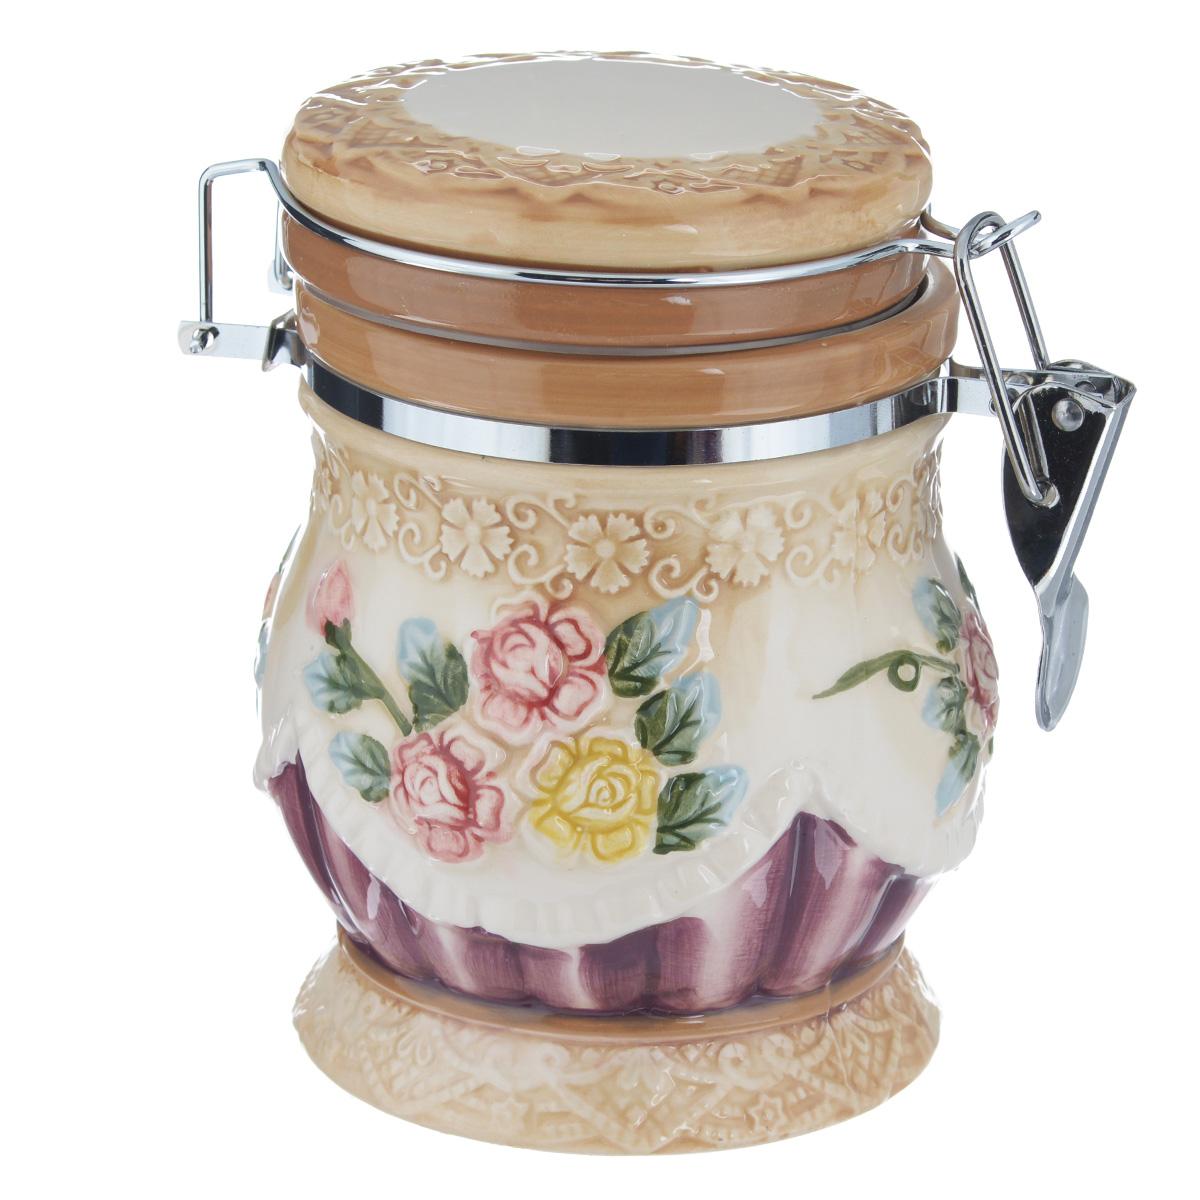 Банка для сыпучих продуктов Korall Романтика, с зажимом-клипсой, 650 мл902071Банка для сыпучих продуктов Korall Романтика изготовлена из прочной керамики высокого качества. Изделие оформлено рельефным изображением цветов. Банка прекрасно подойдет для хранения различных сыпучих продуктов: специй, чая, кофе, сахара, круп и многого другого. Крышка плотно закрывается с помощью металлического зажима-клипсы, дольше сохраняя свежесть продуктов. Объем: 650 мл. Диаметр (по верхнему краю): 9 см. Высота банки (с крышкой): 14,5 см.